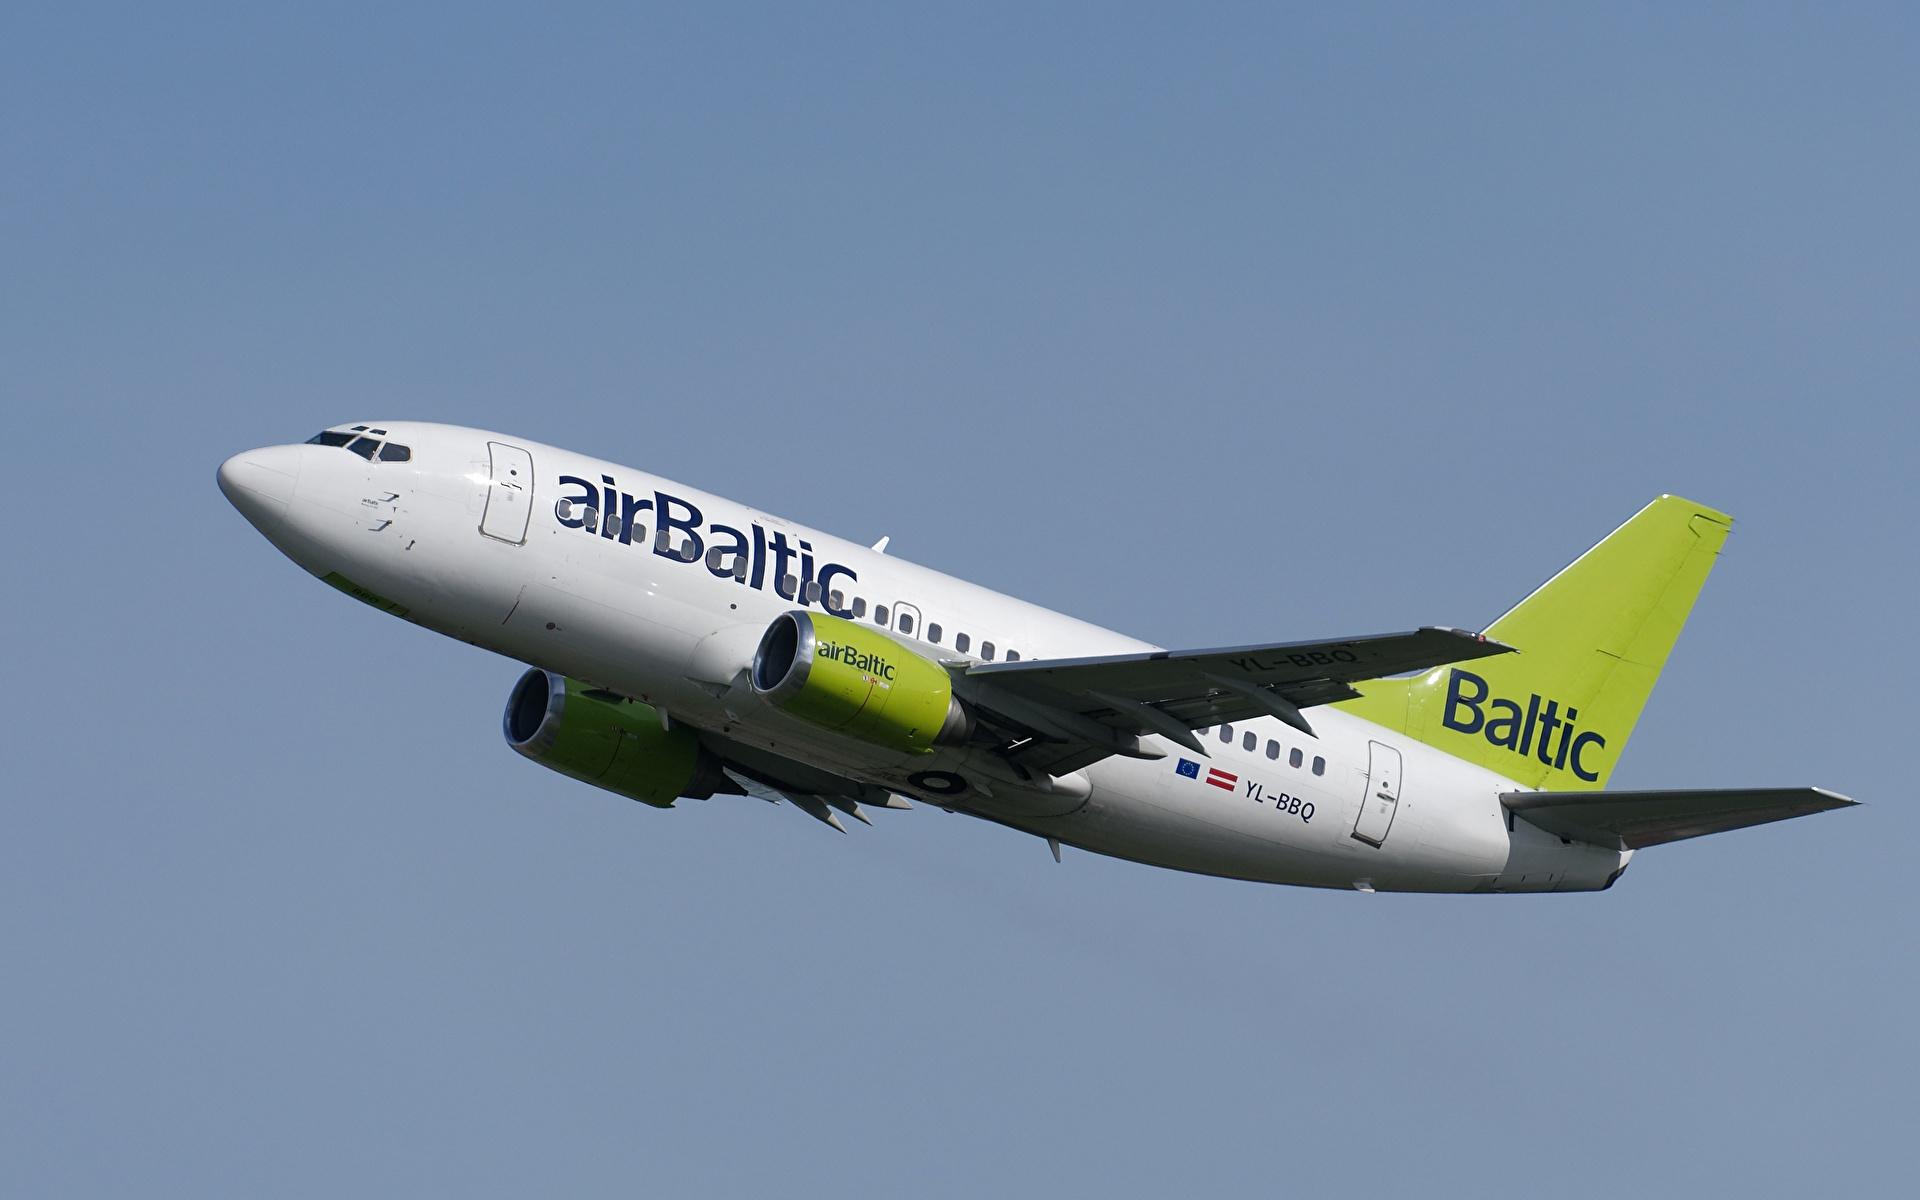 Bilder von Boeing Flugzeuge Verkehrsflugzeug Air Baltic 737-53S Luftfahrt 1920x1200